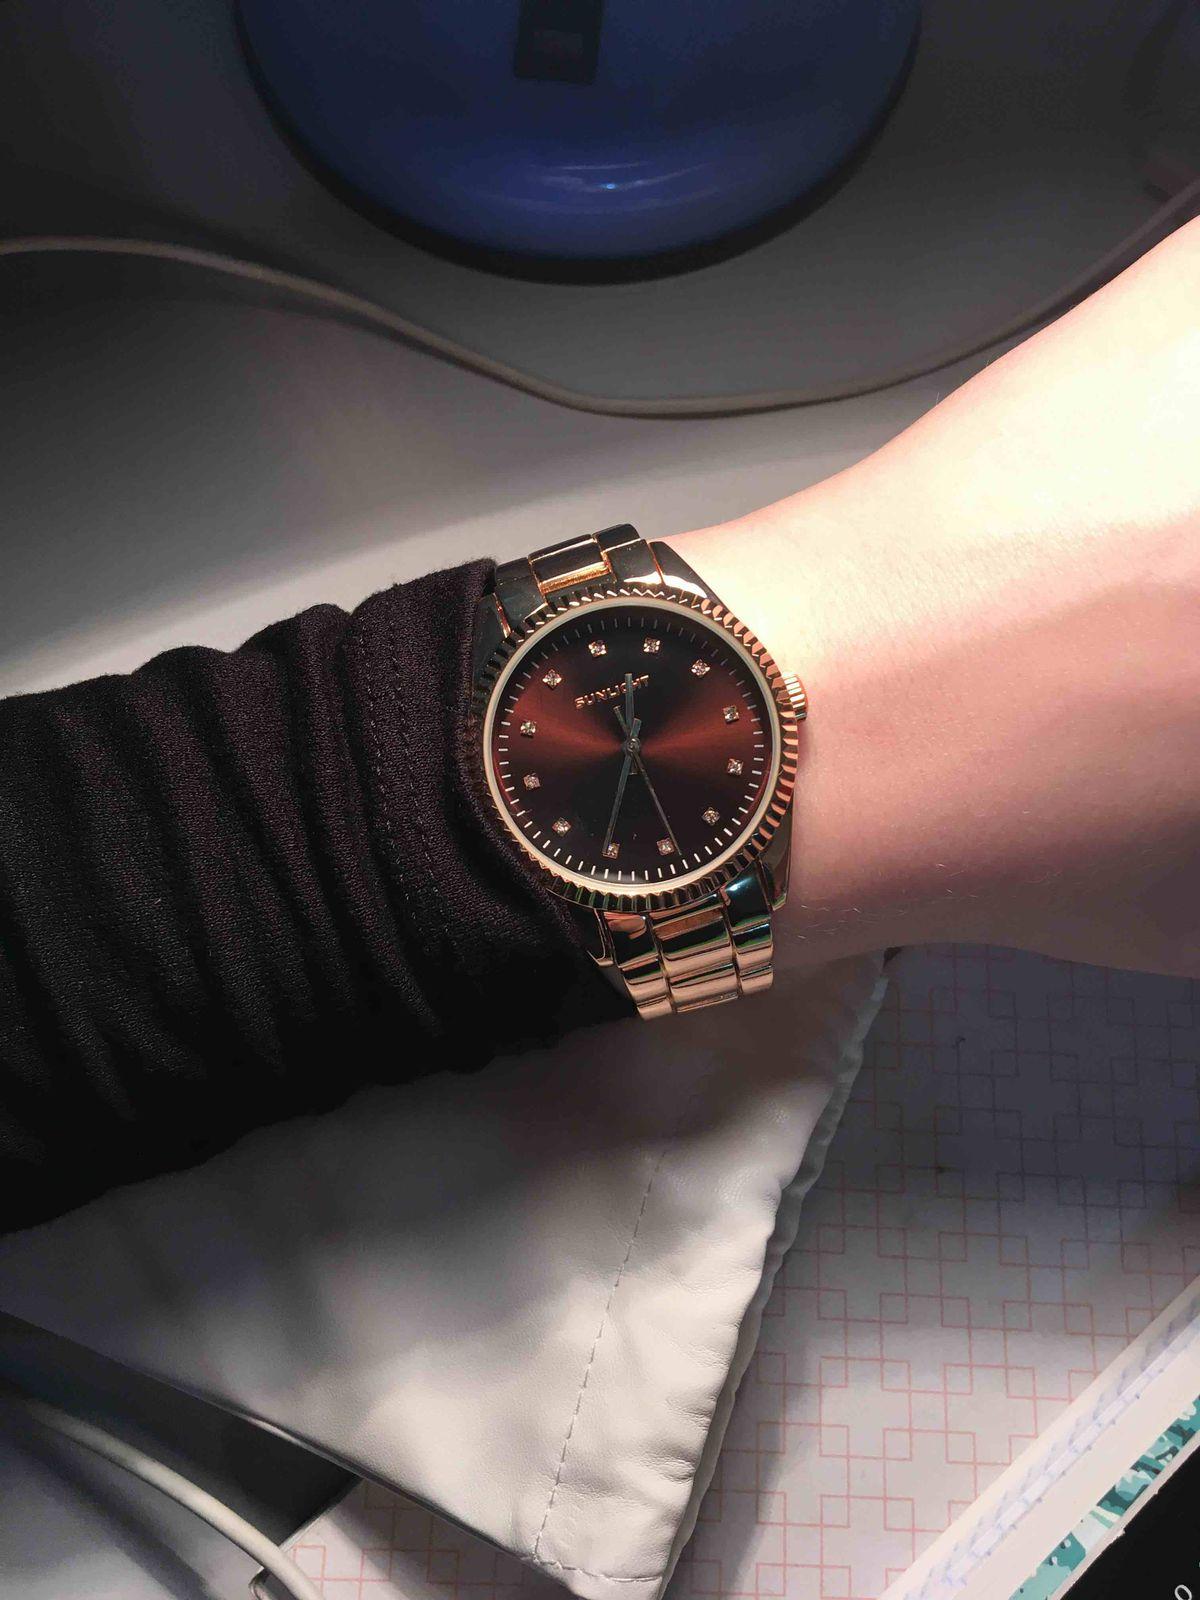 Очень красивые часы, довольна)